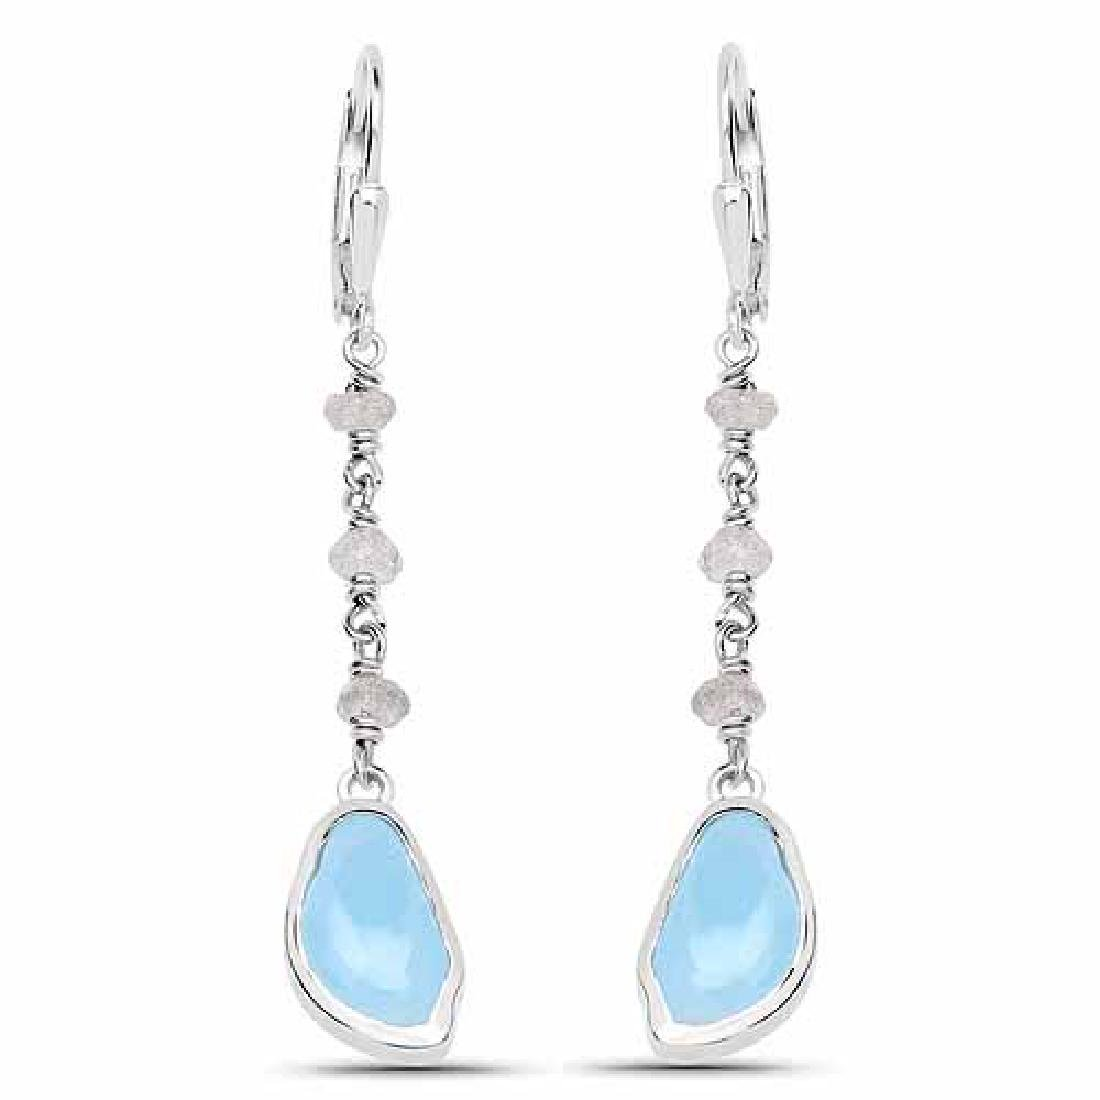 5.53 Carat Genuine Aquamarine and Labradorite .925 Ster